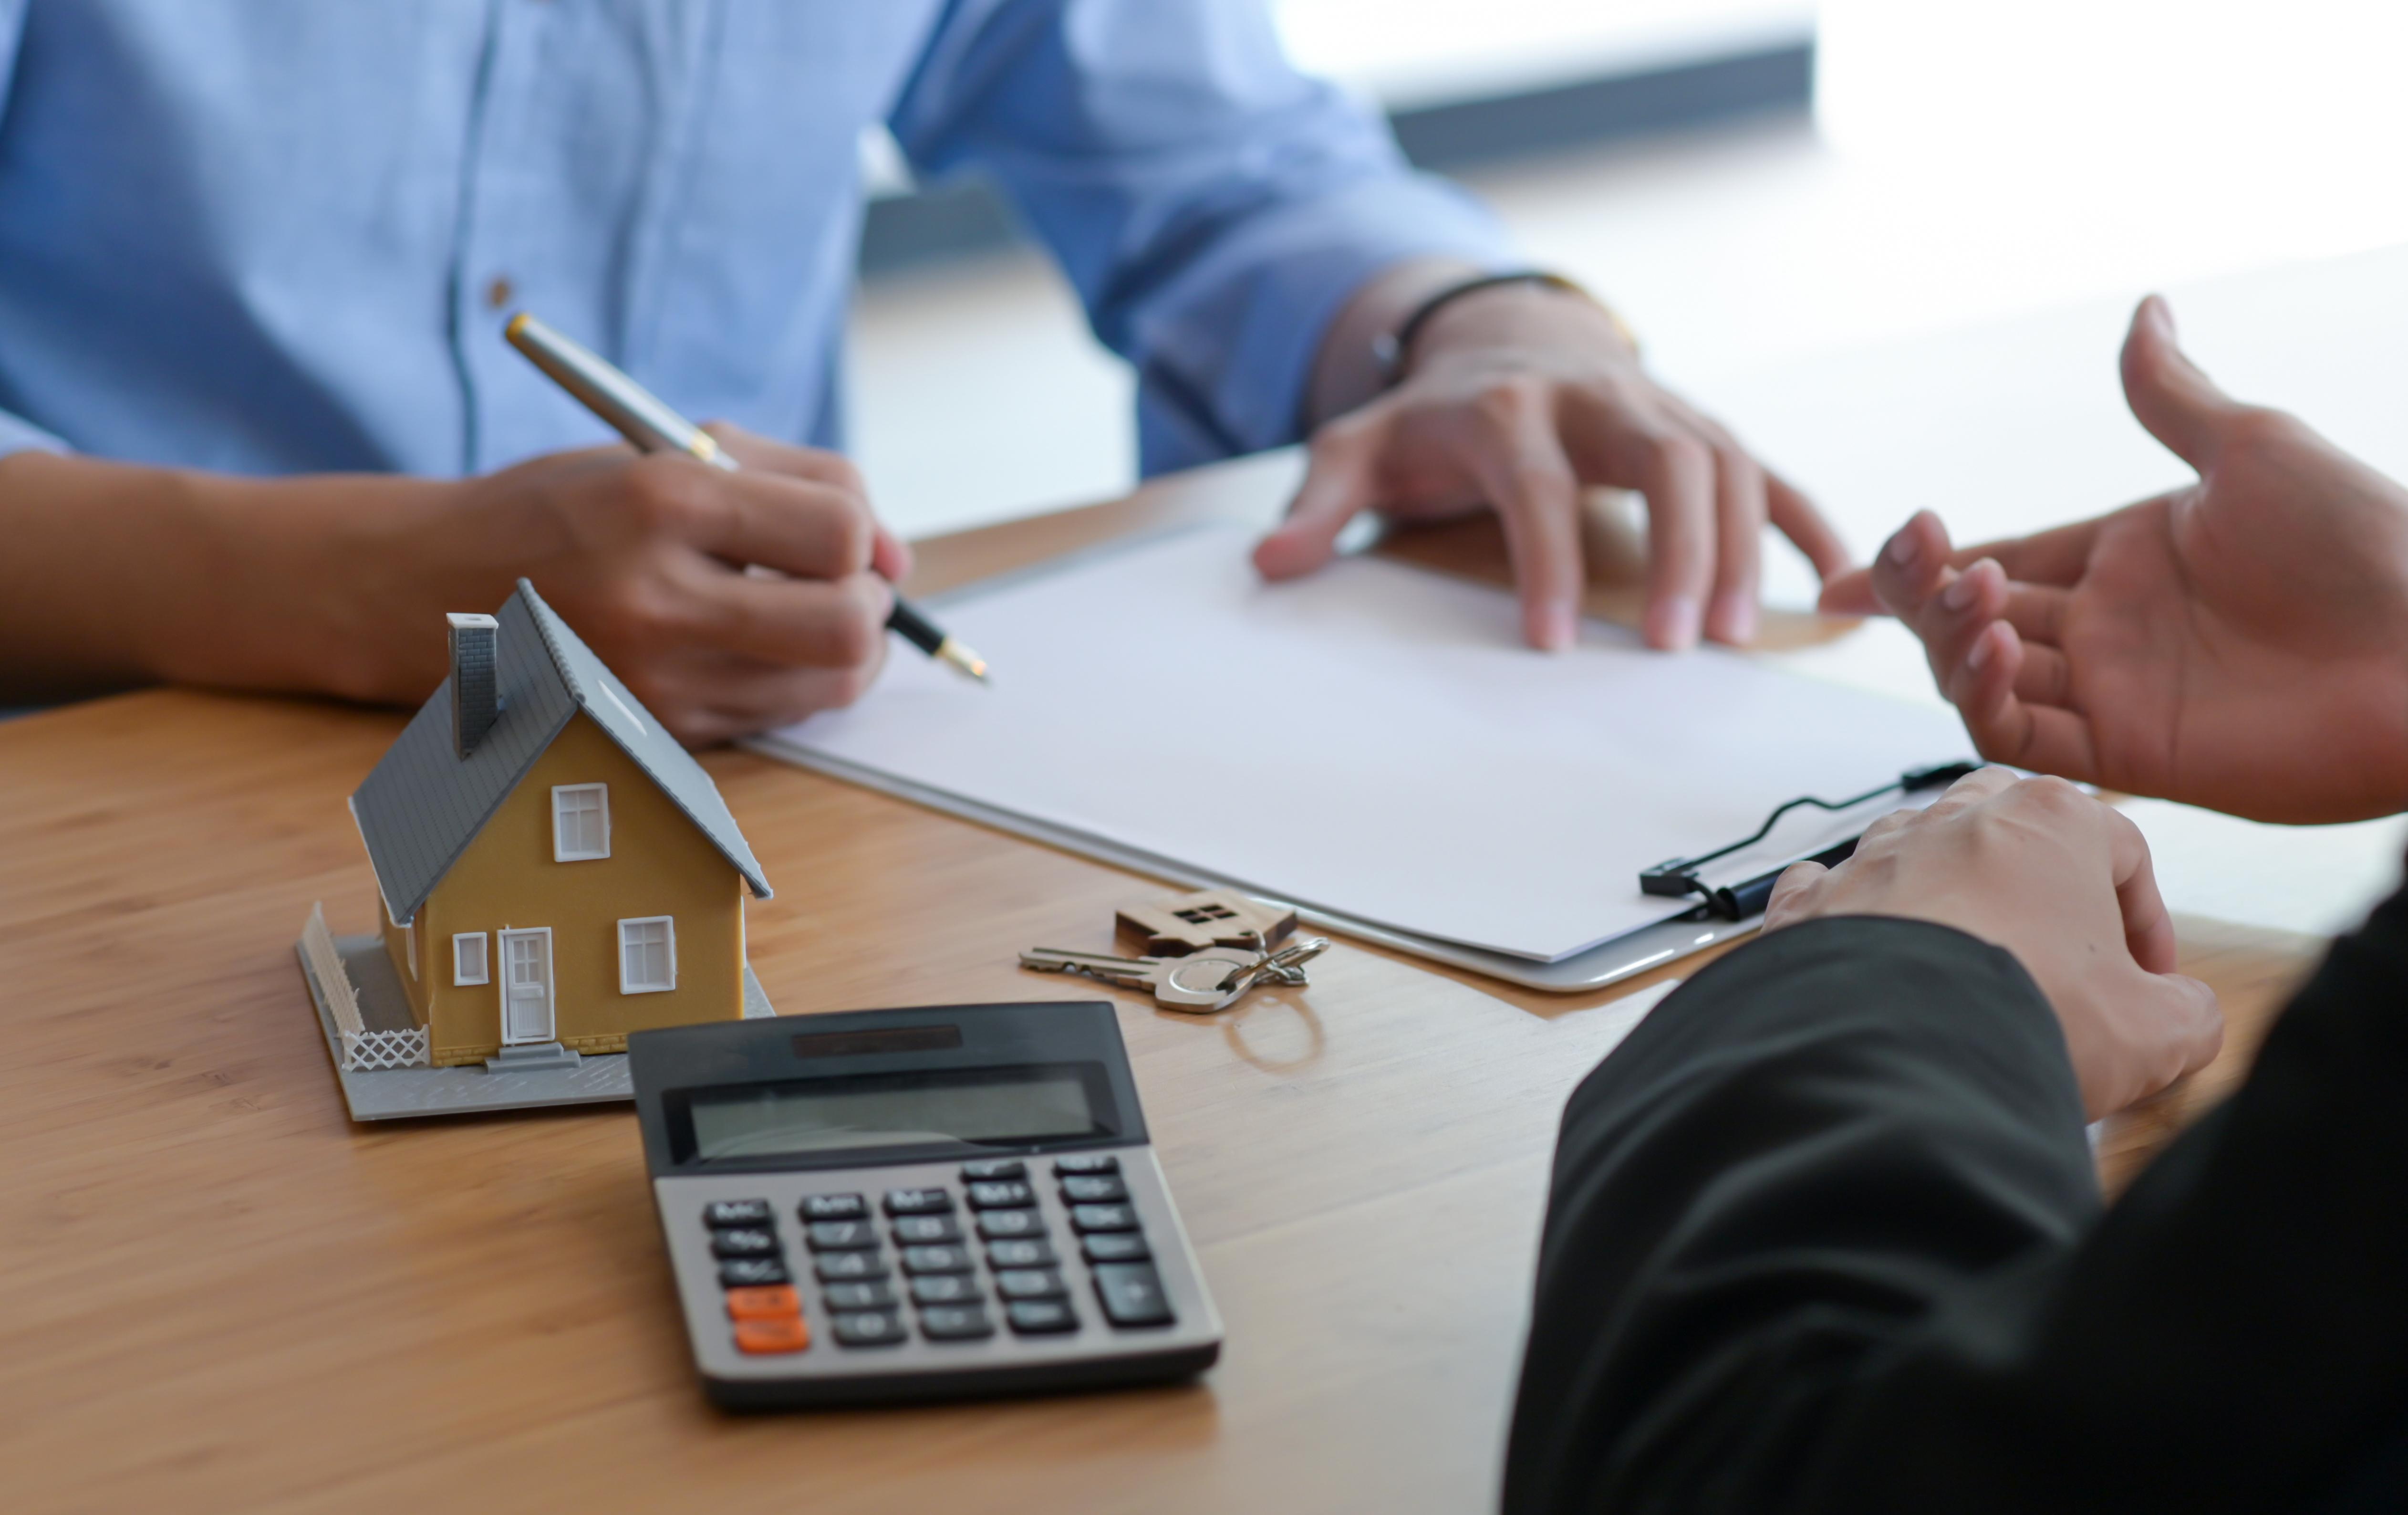 Cómo solicitar un crédito hipotecario | Credimejora